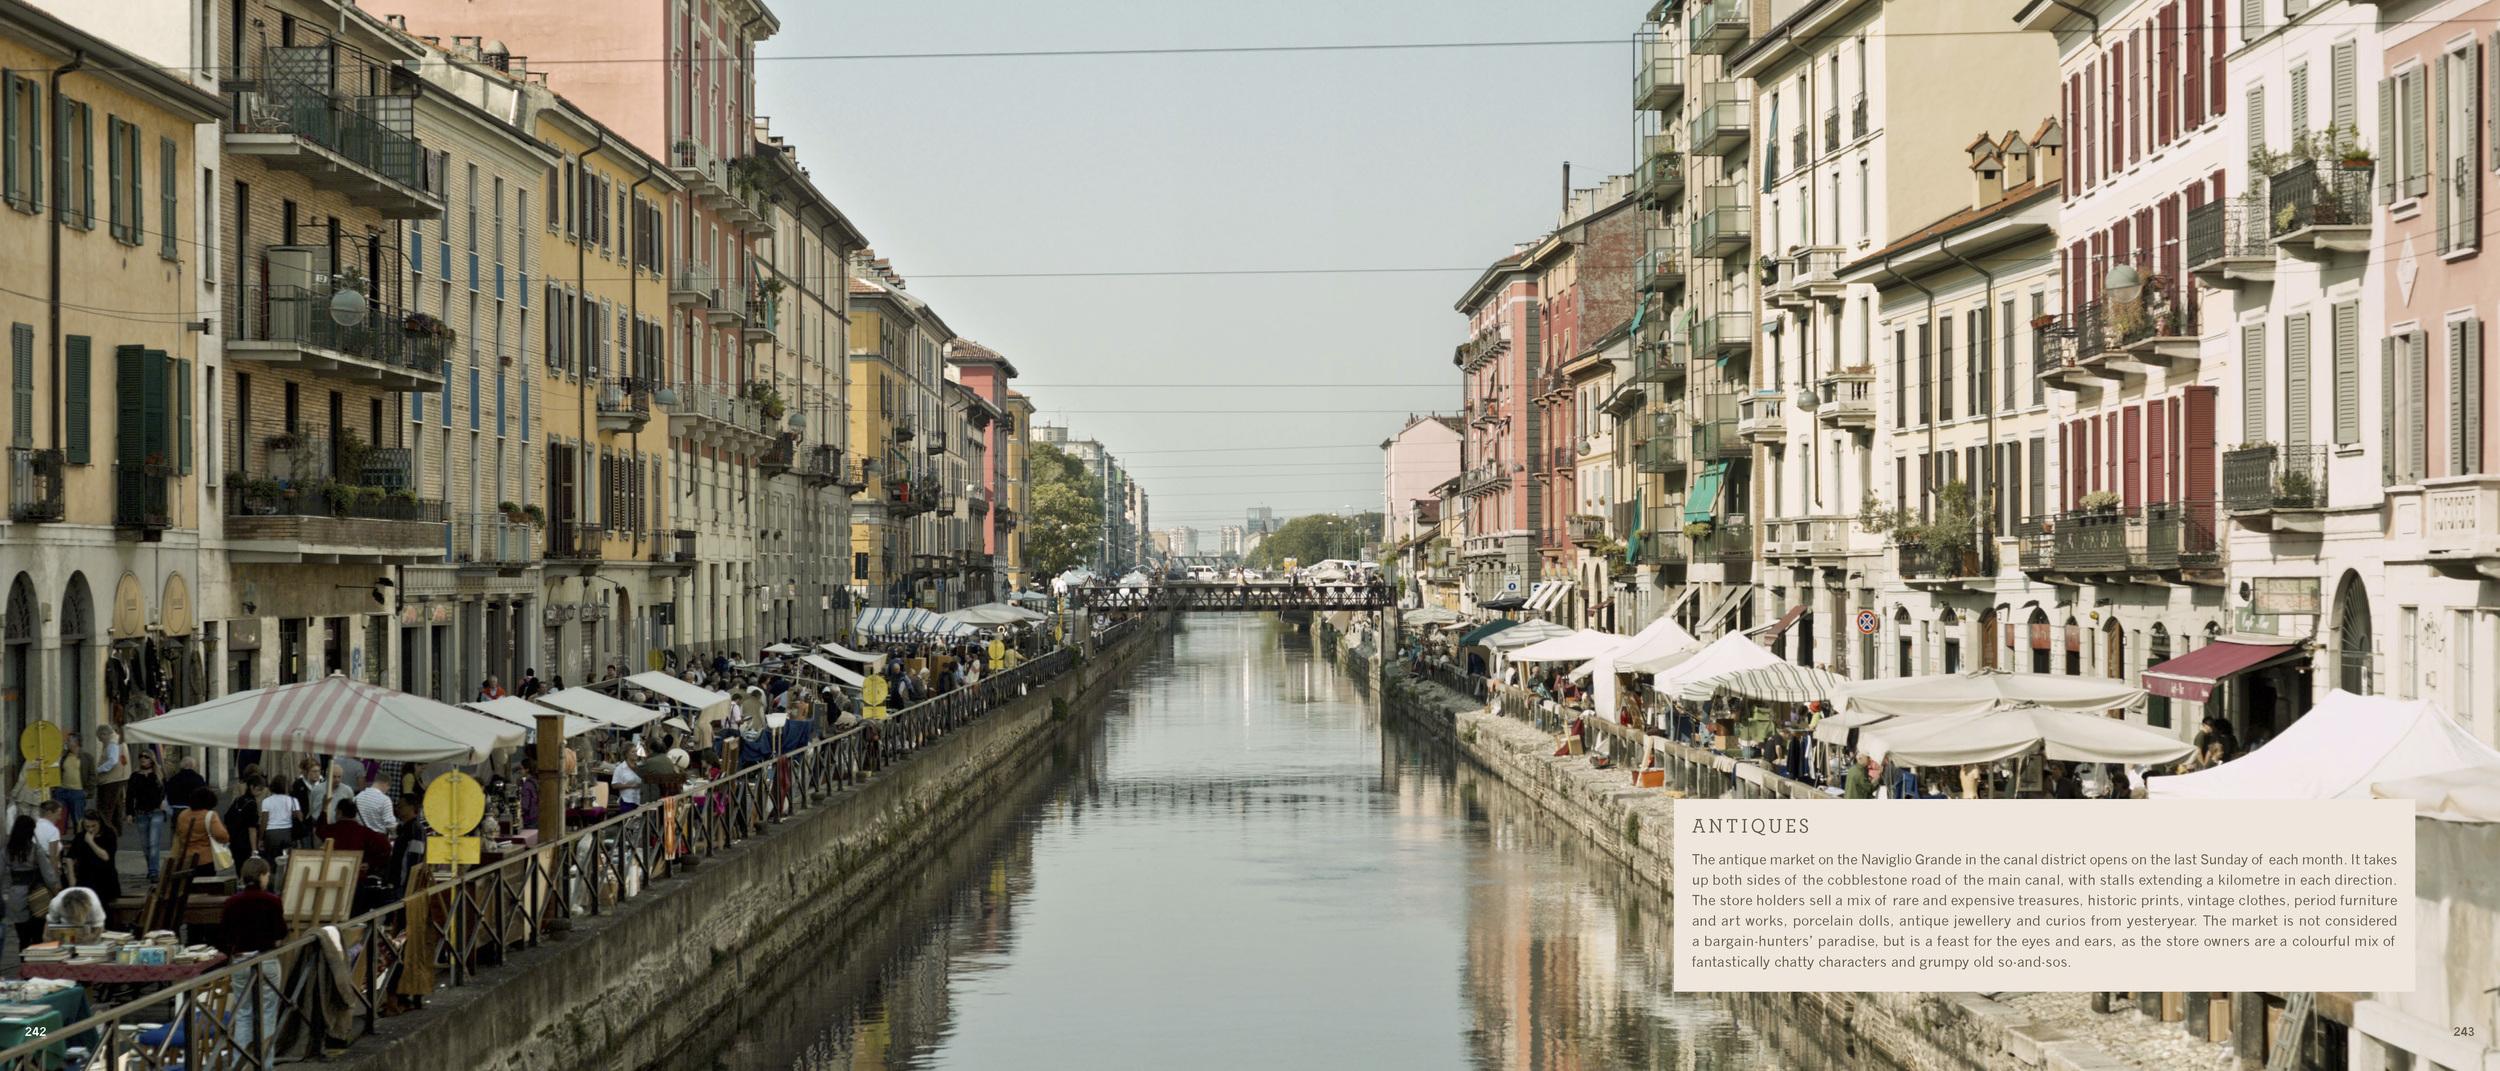 _Milan_FA3 124.tiff.jpg